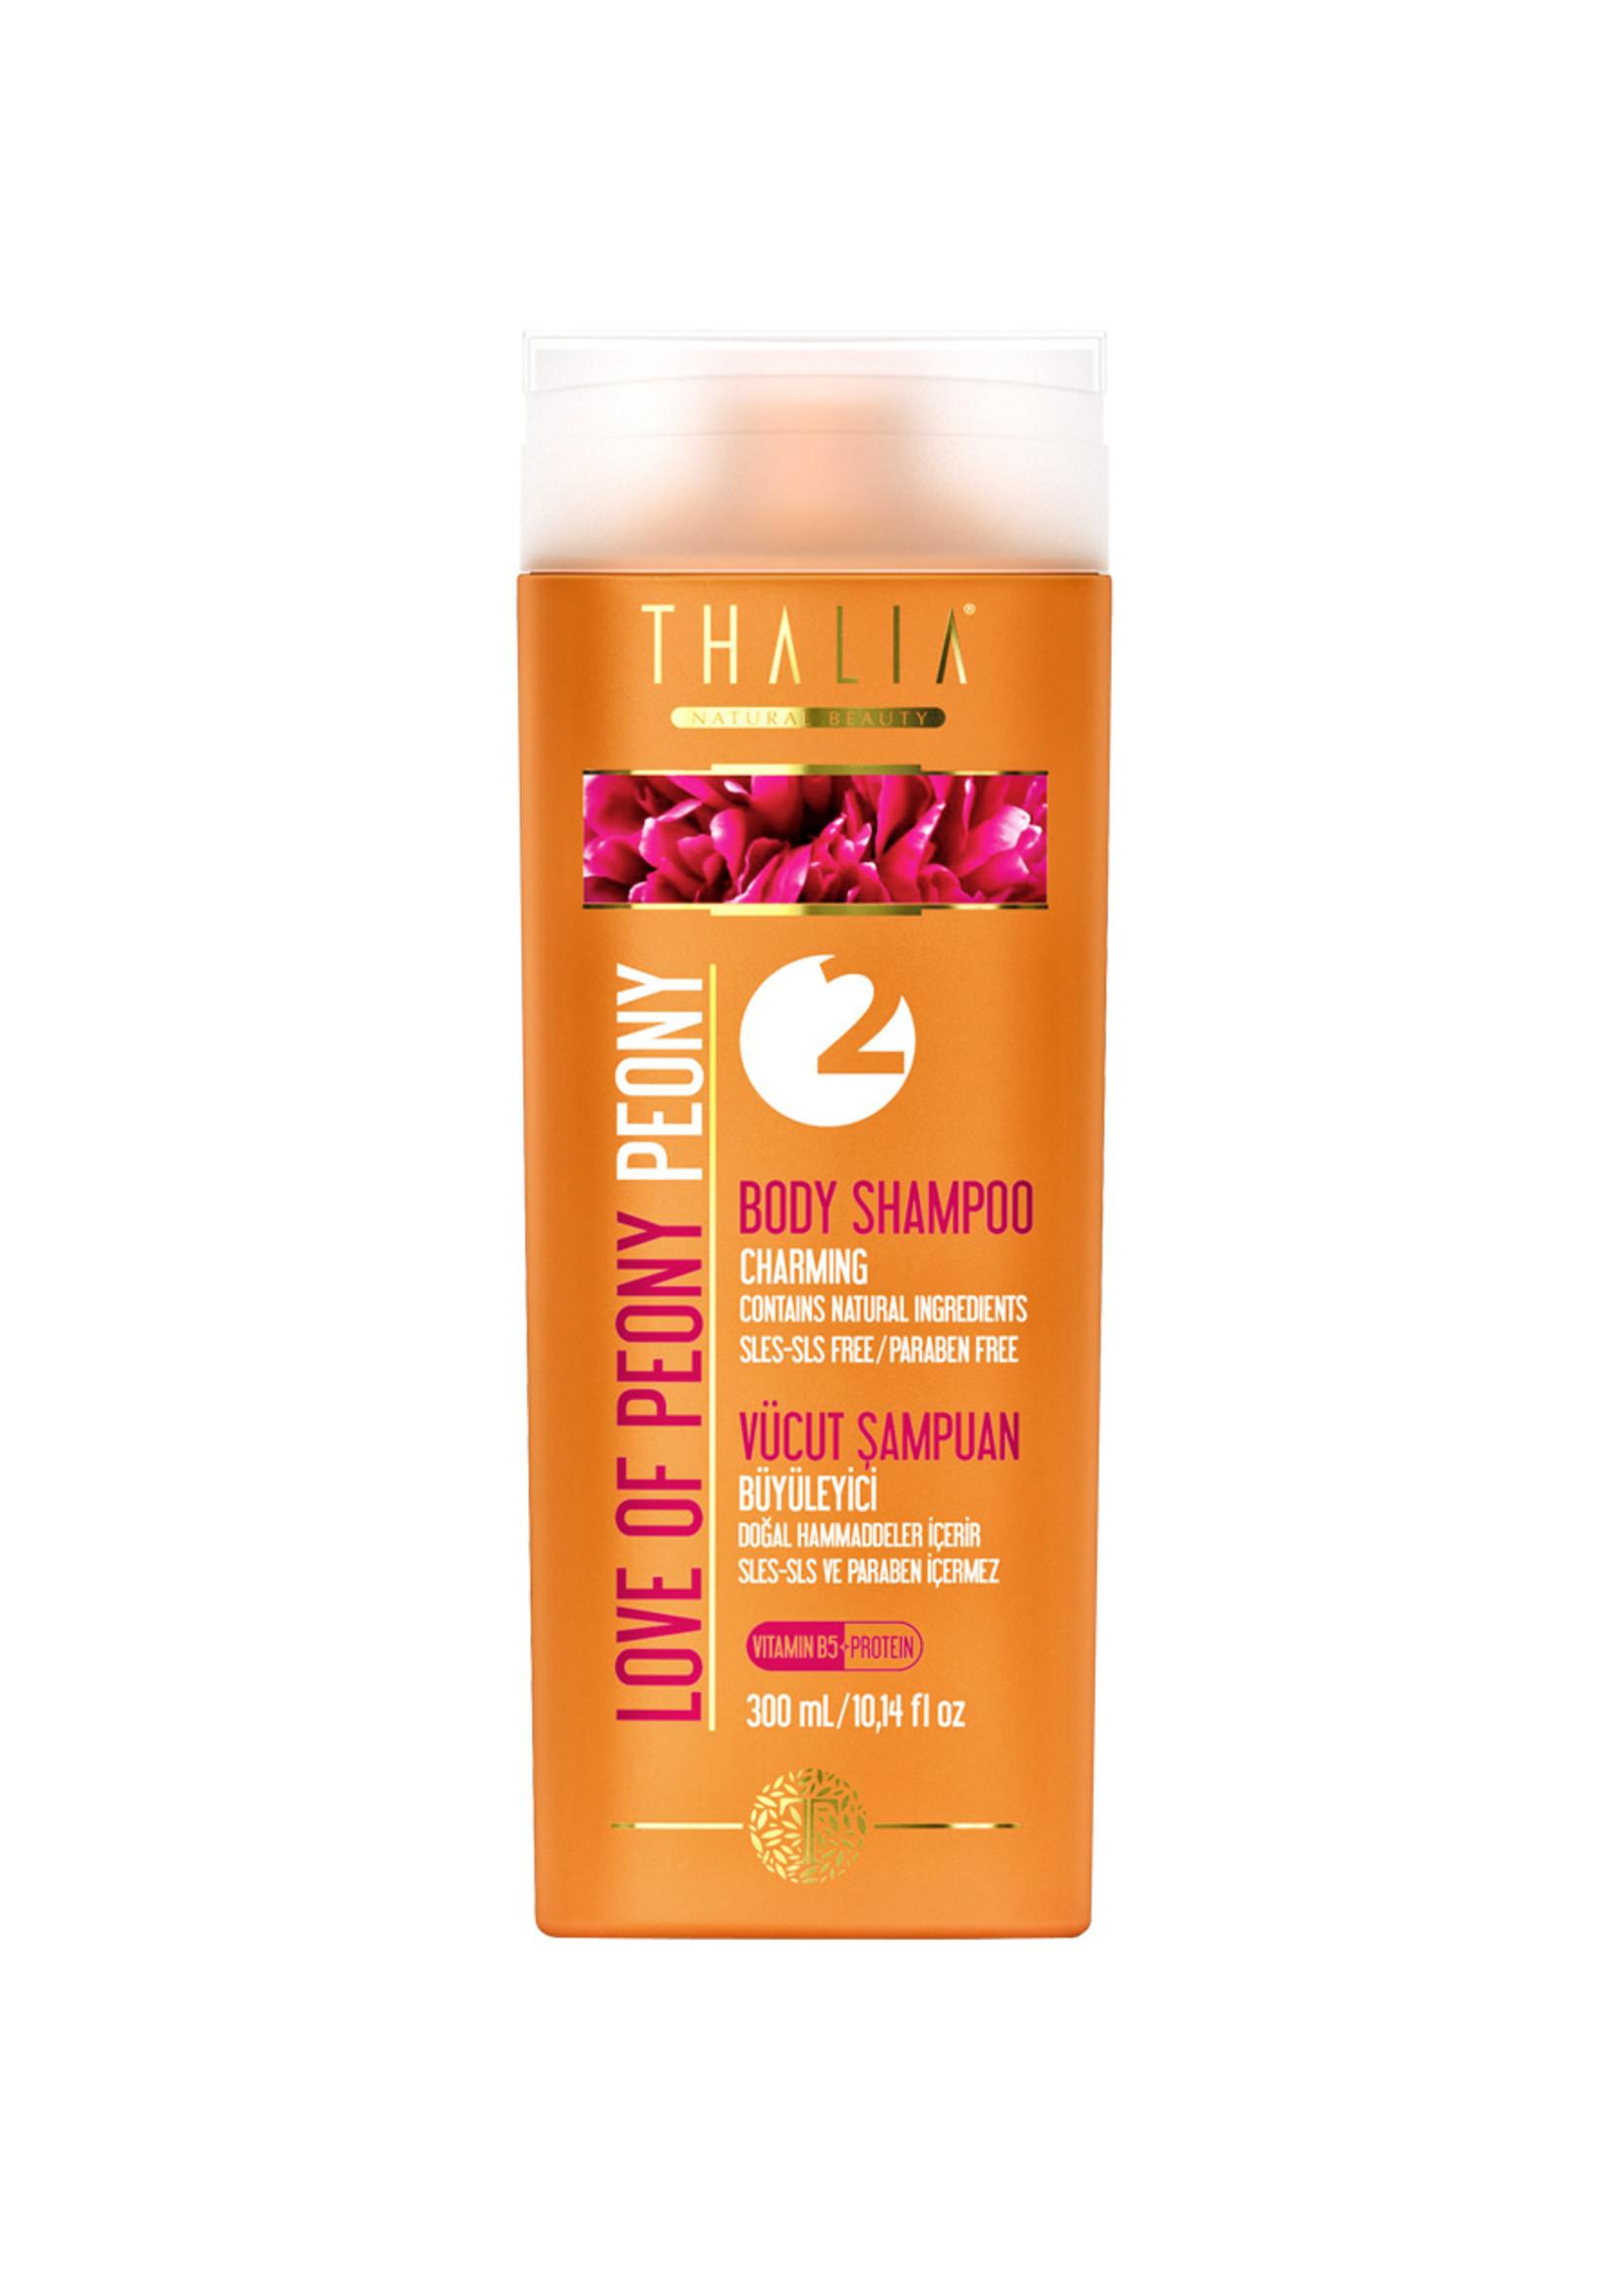 Thalia Pioenroos Body Shampoo 300 ml